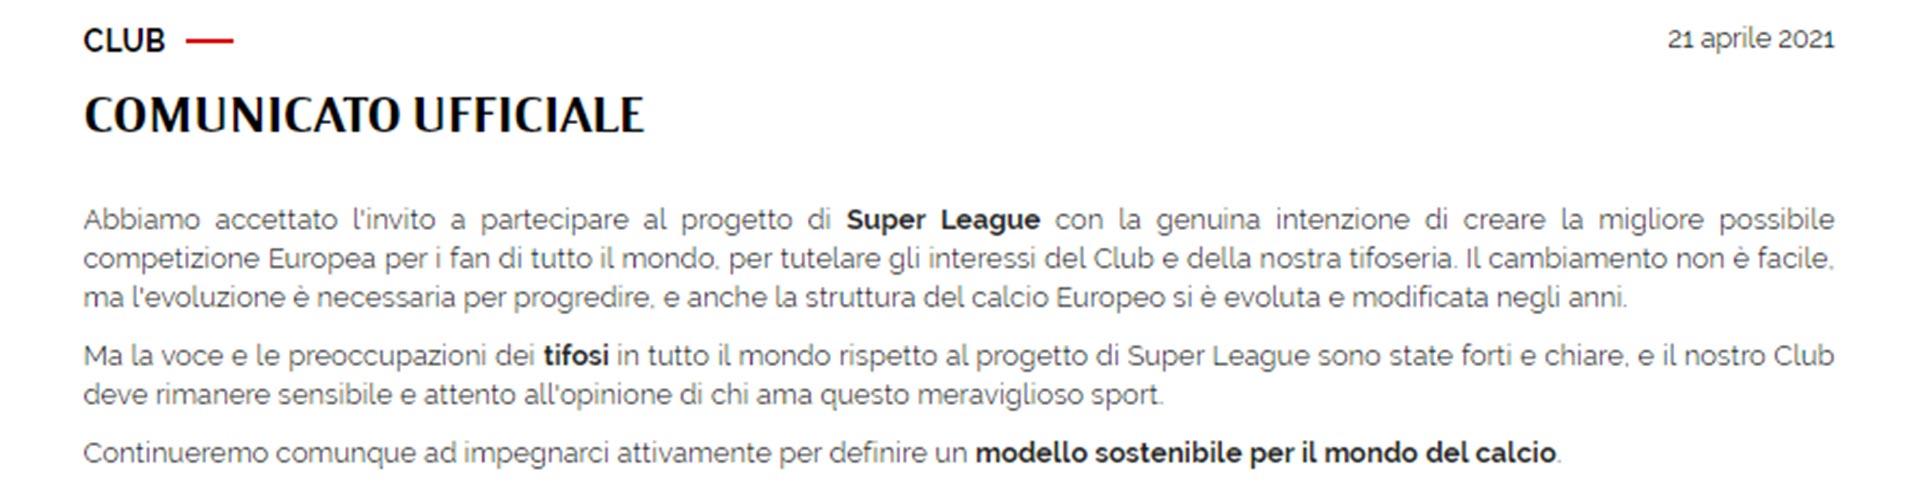 El comunicado del Milan